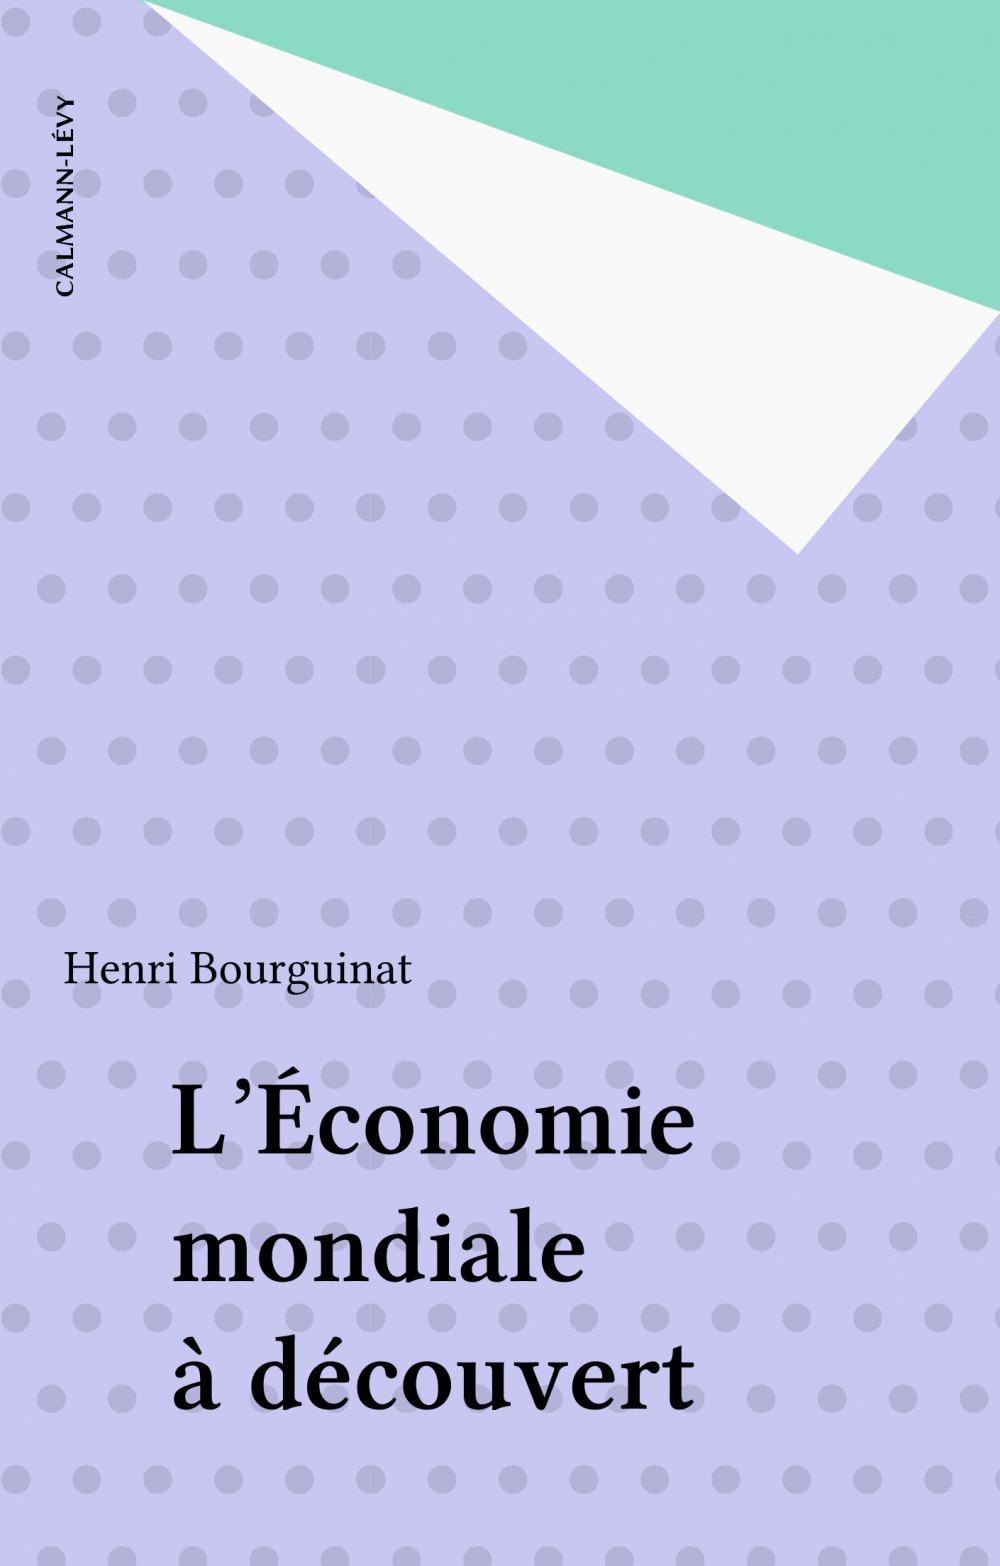 Economie mondiale a decouvert